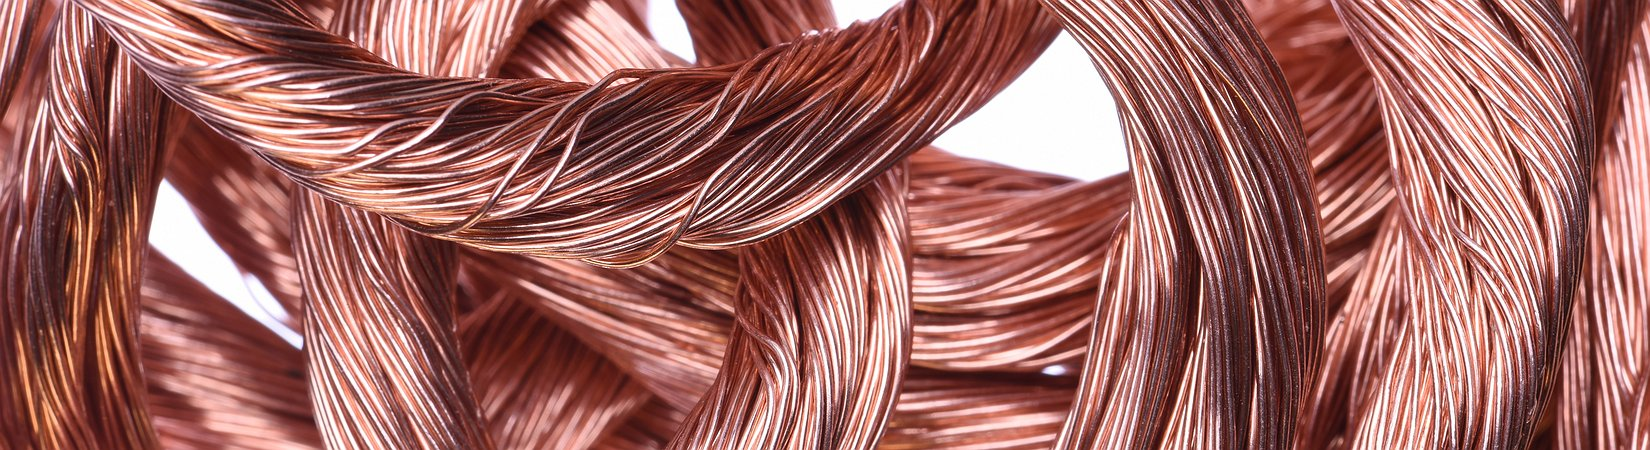 Los precios del cobre podrían volver a caer